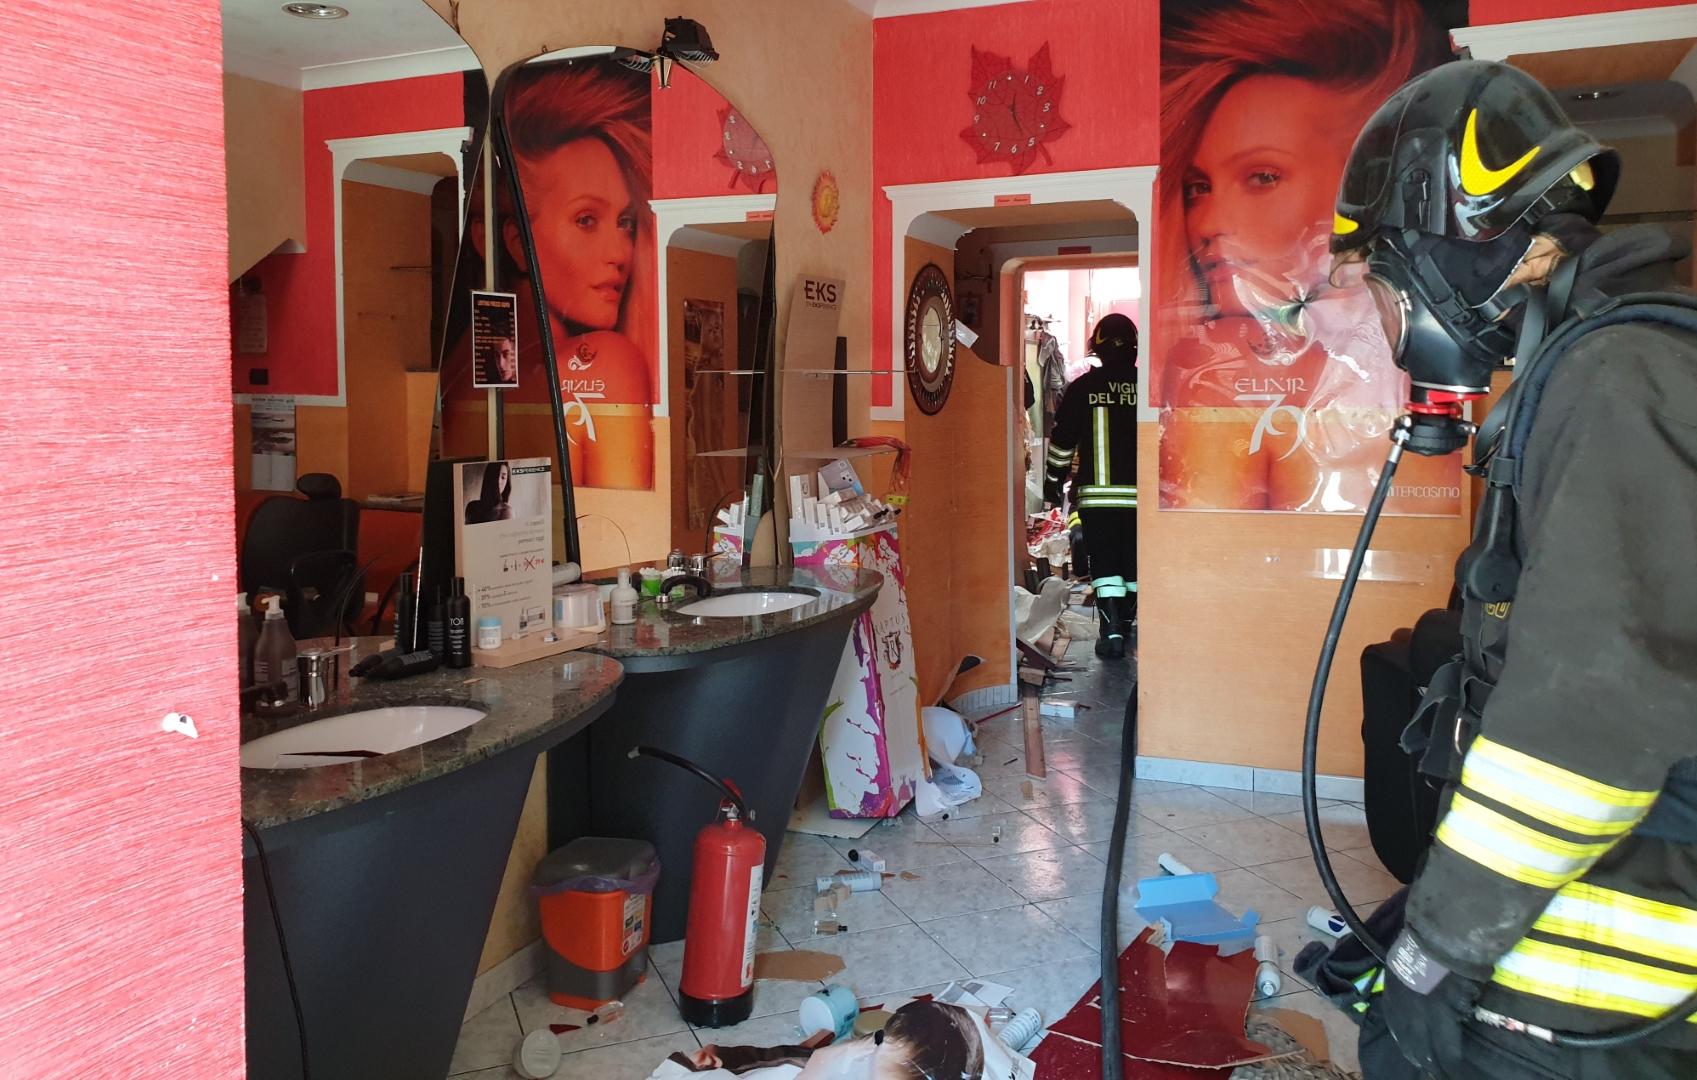 Esplosione a Paravati, gravemente ferito un uomo L'operaio stava facendo dei lavori in un'attività di parrucchiere